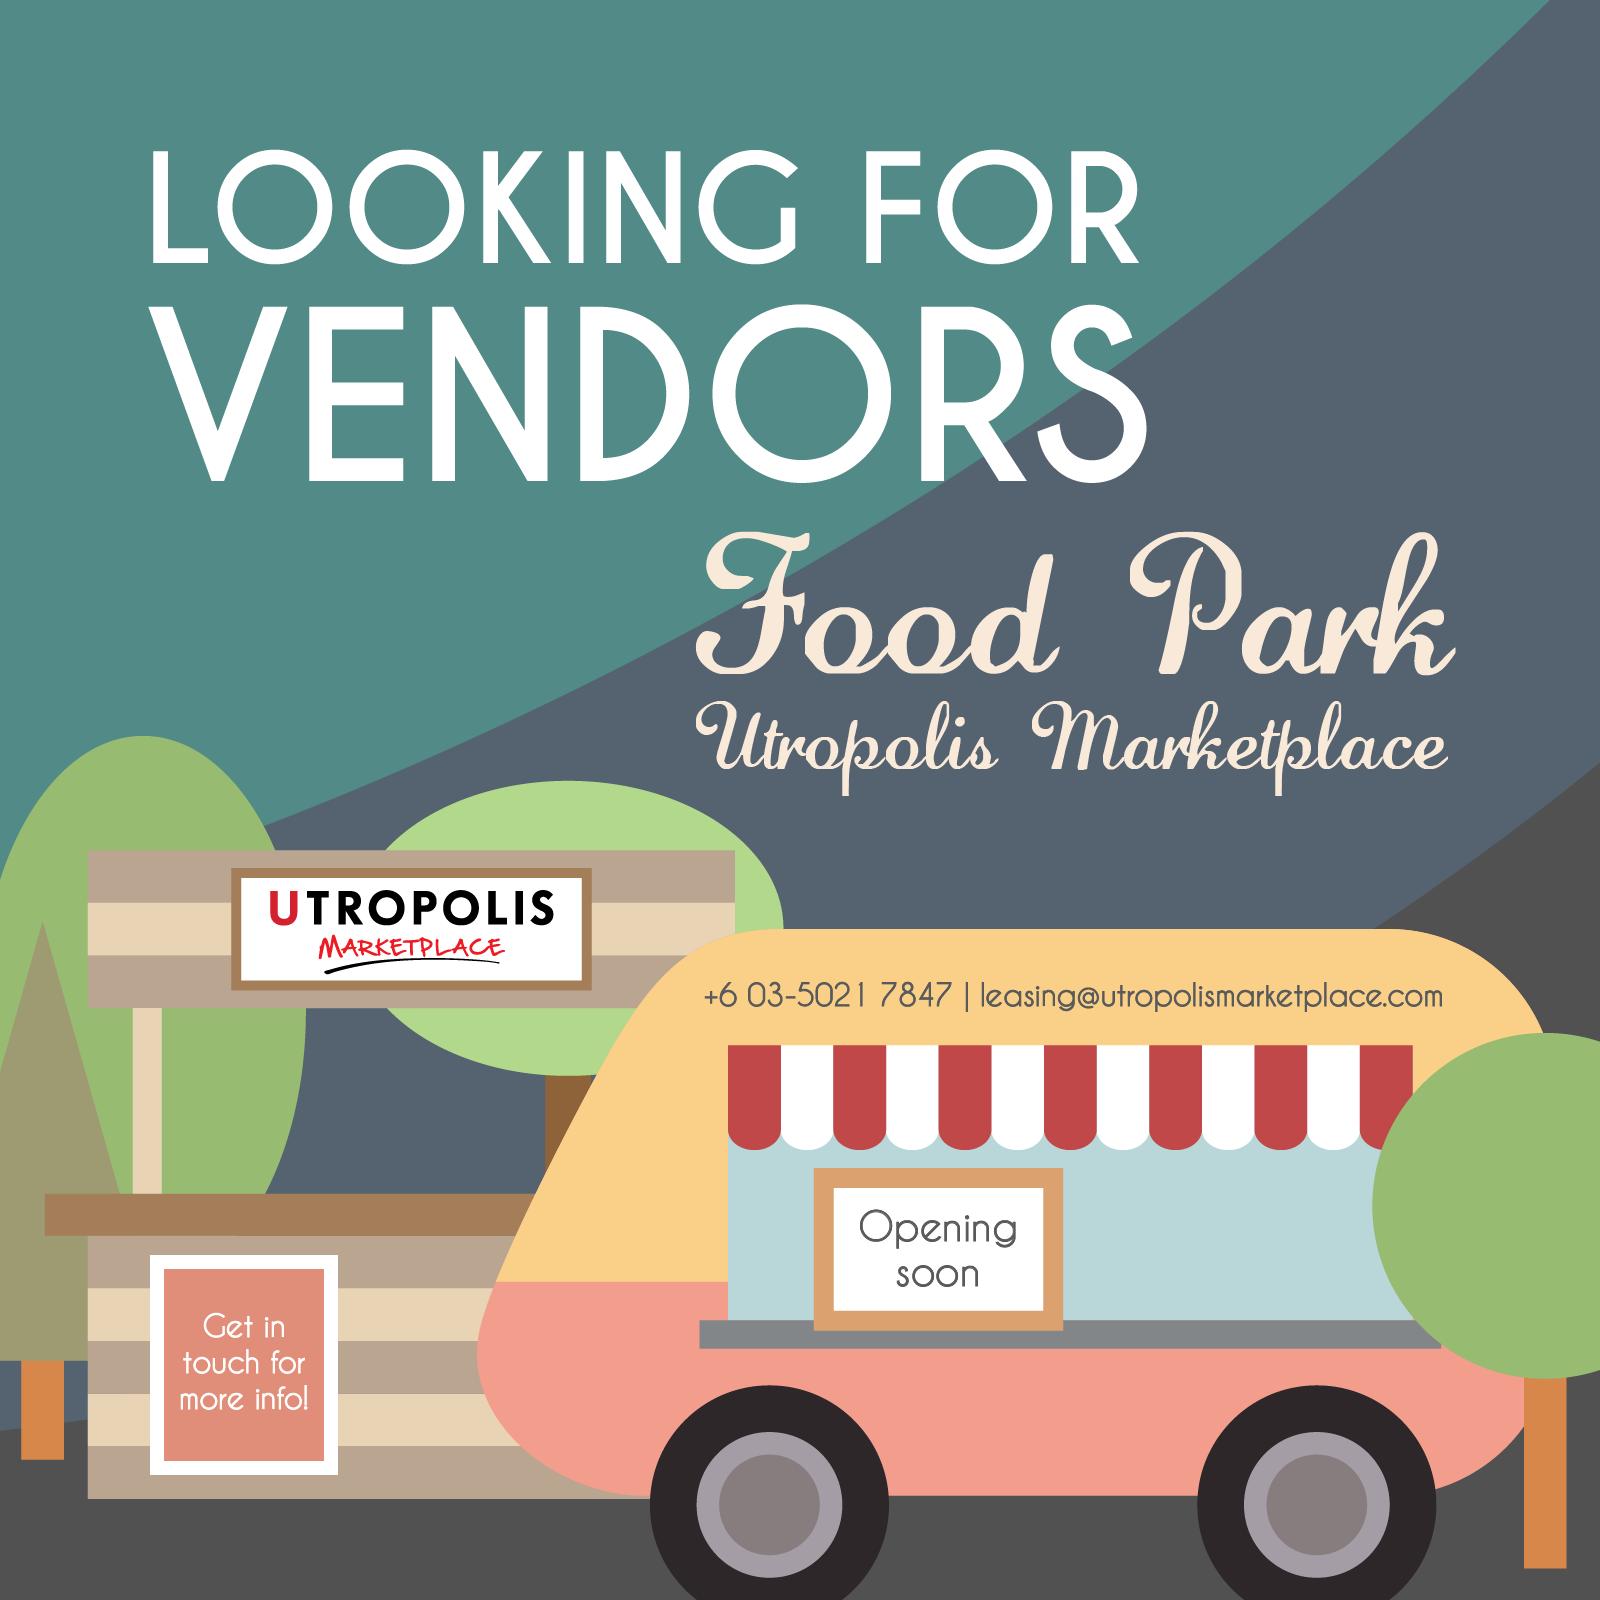 food-park-vendors-1